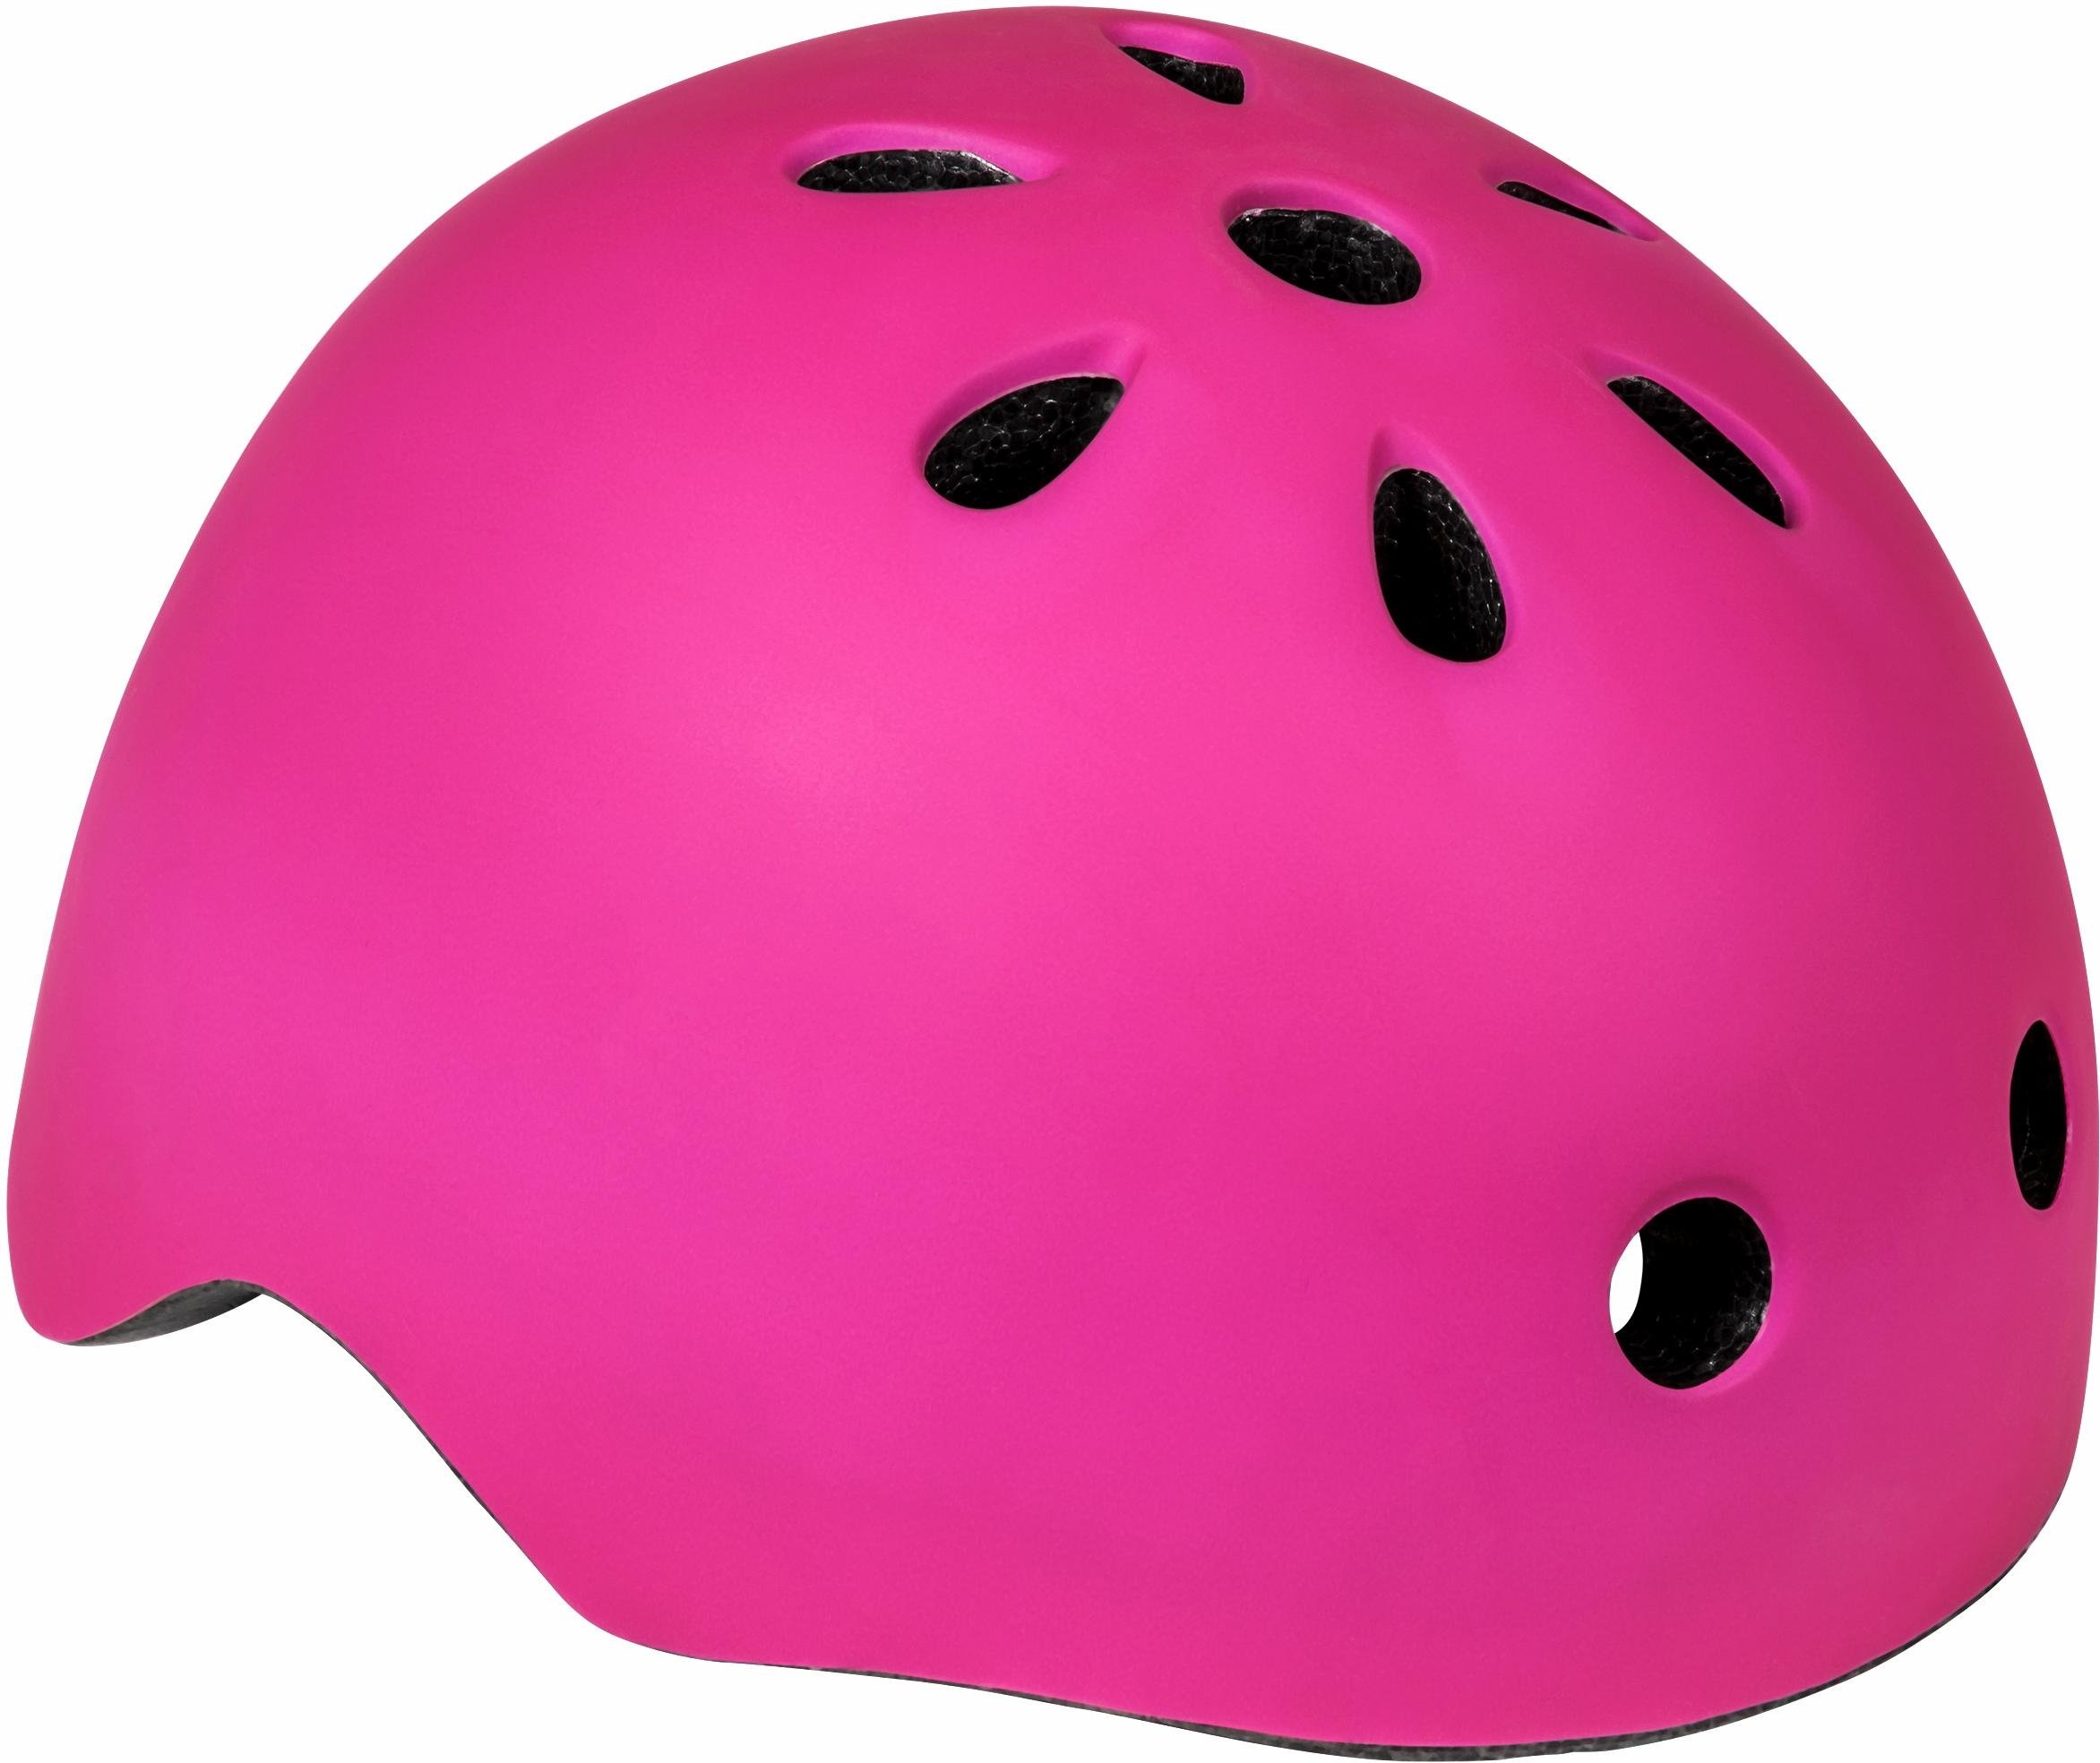 Powerslide helm, kinderen, »Allround Adventure Pink« - gratis ruilen op otto.nl